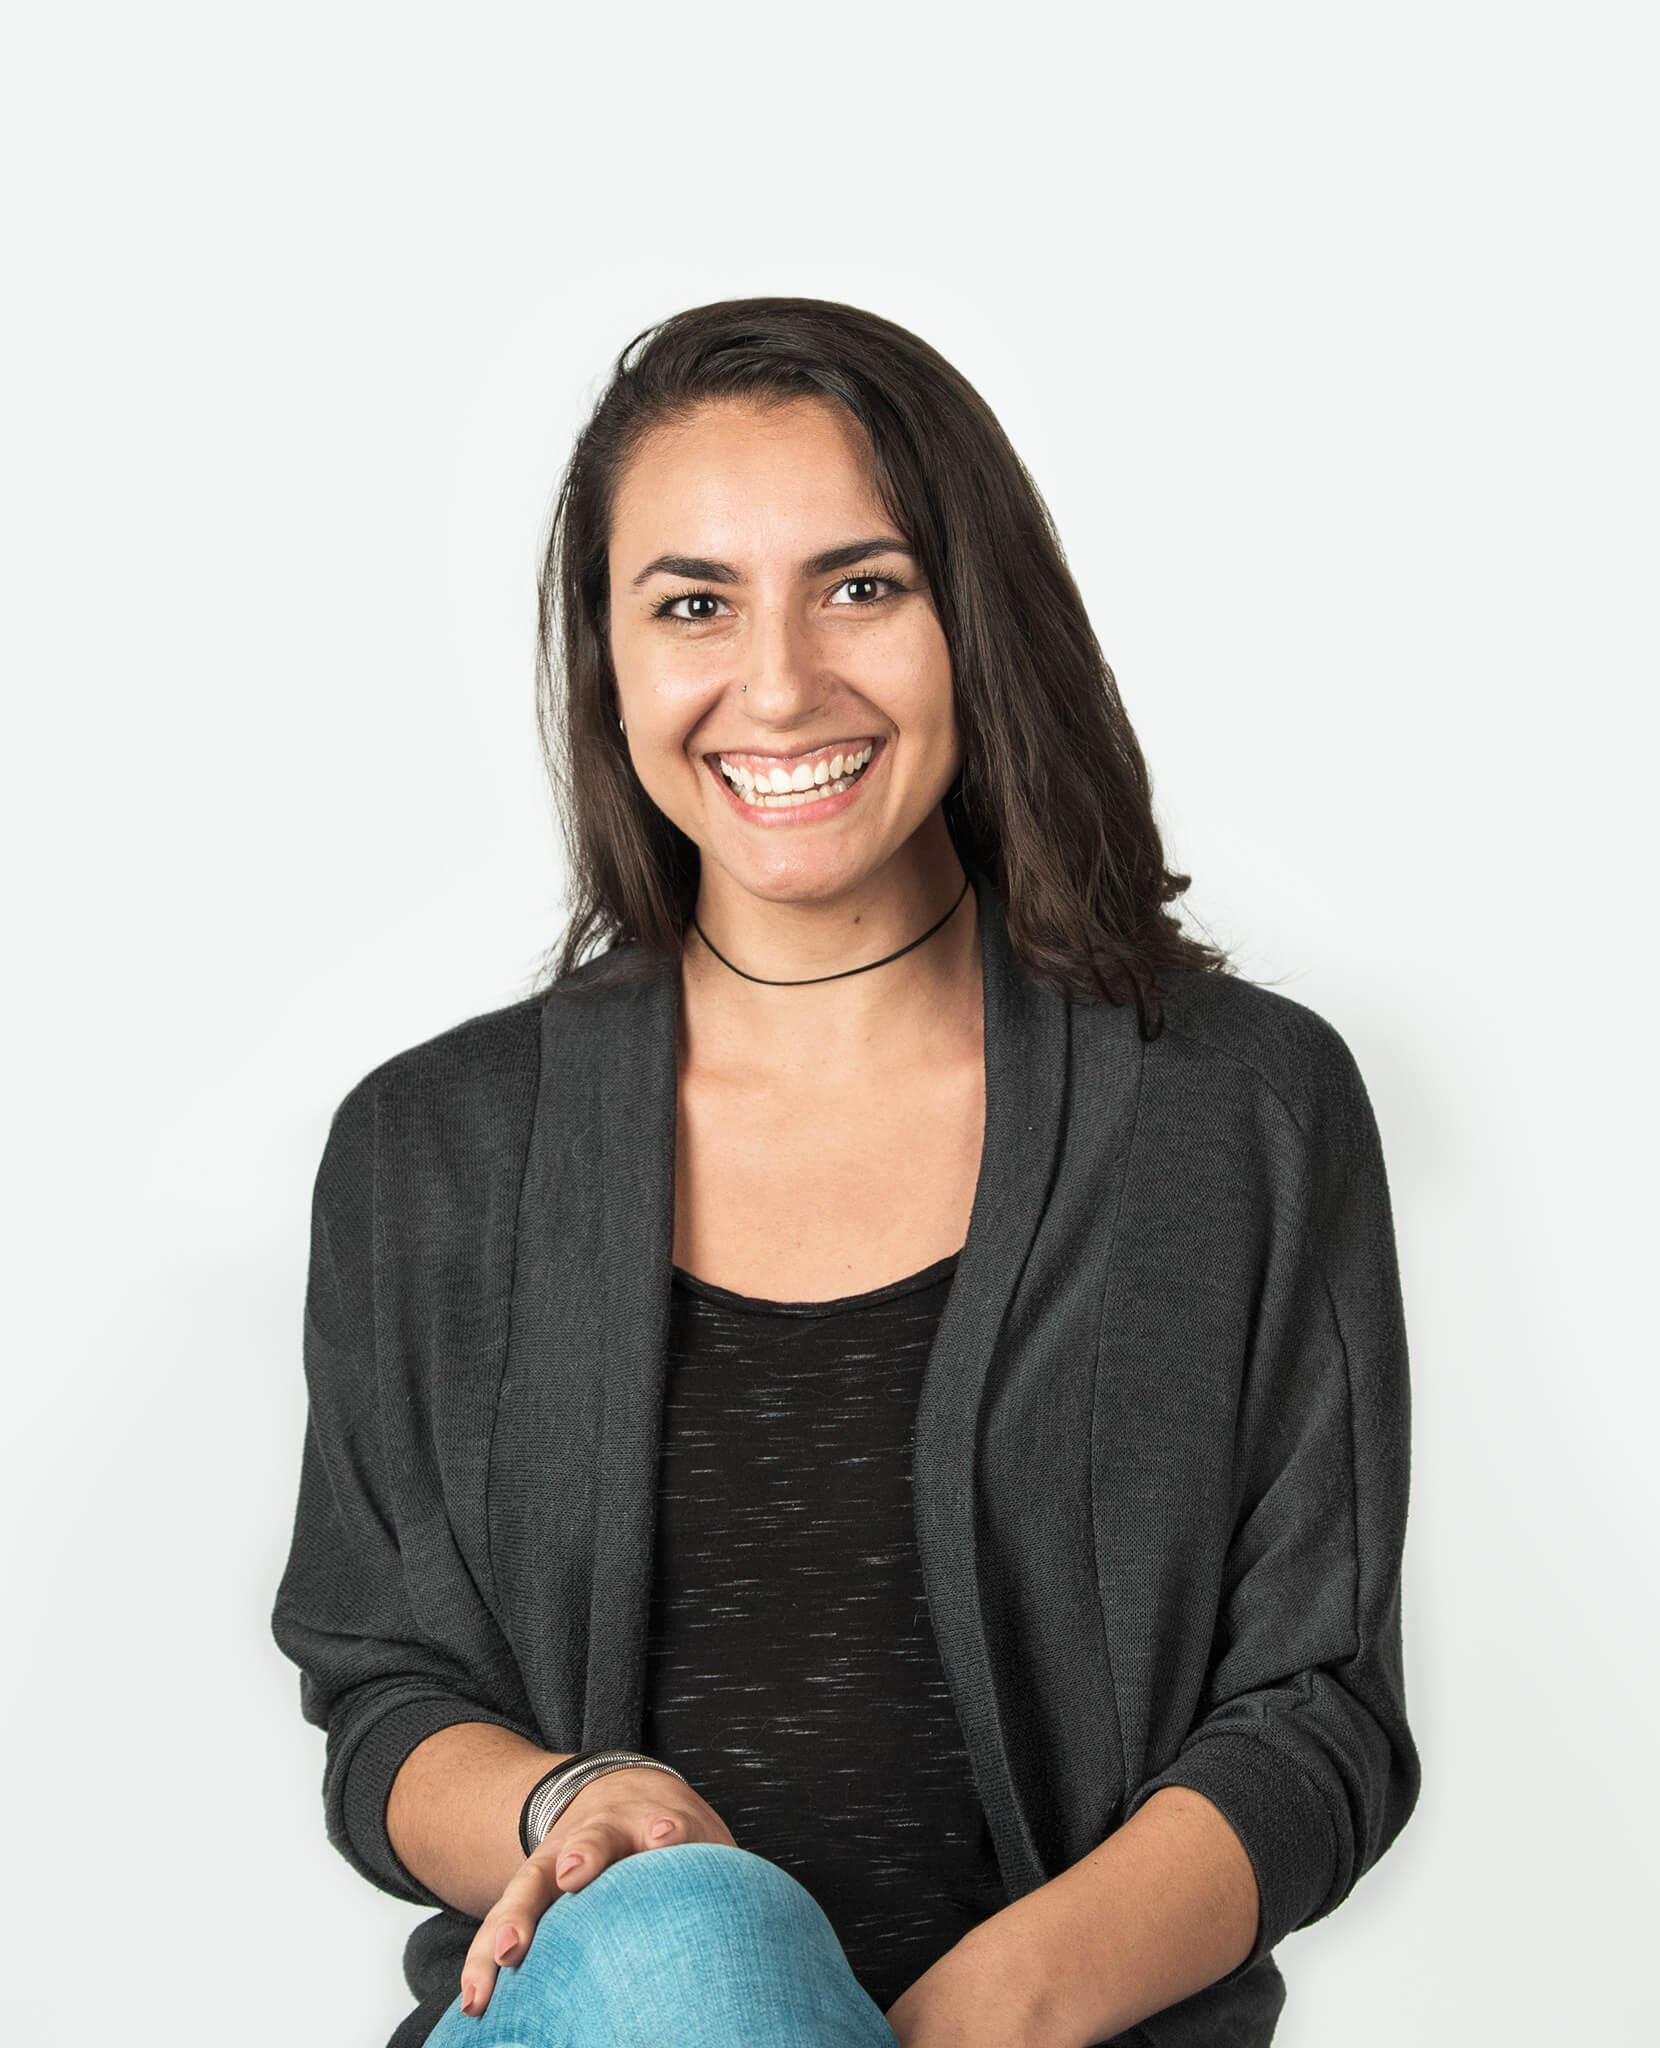 Profile image of Sarah Araya